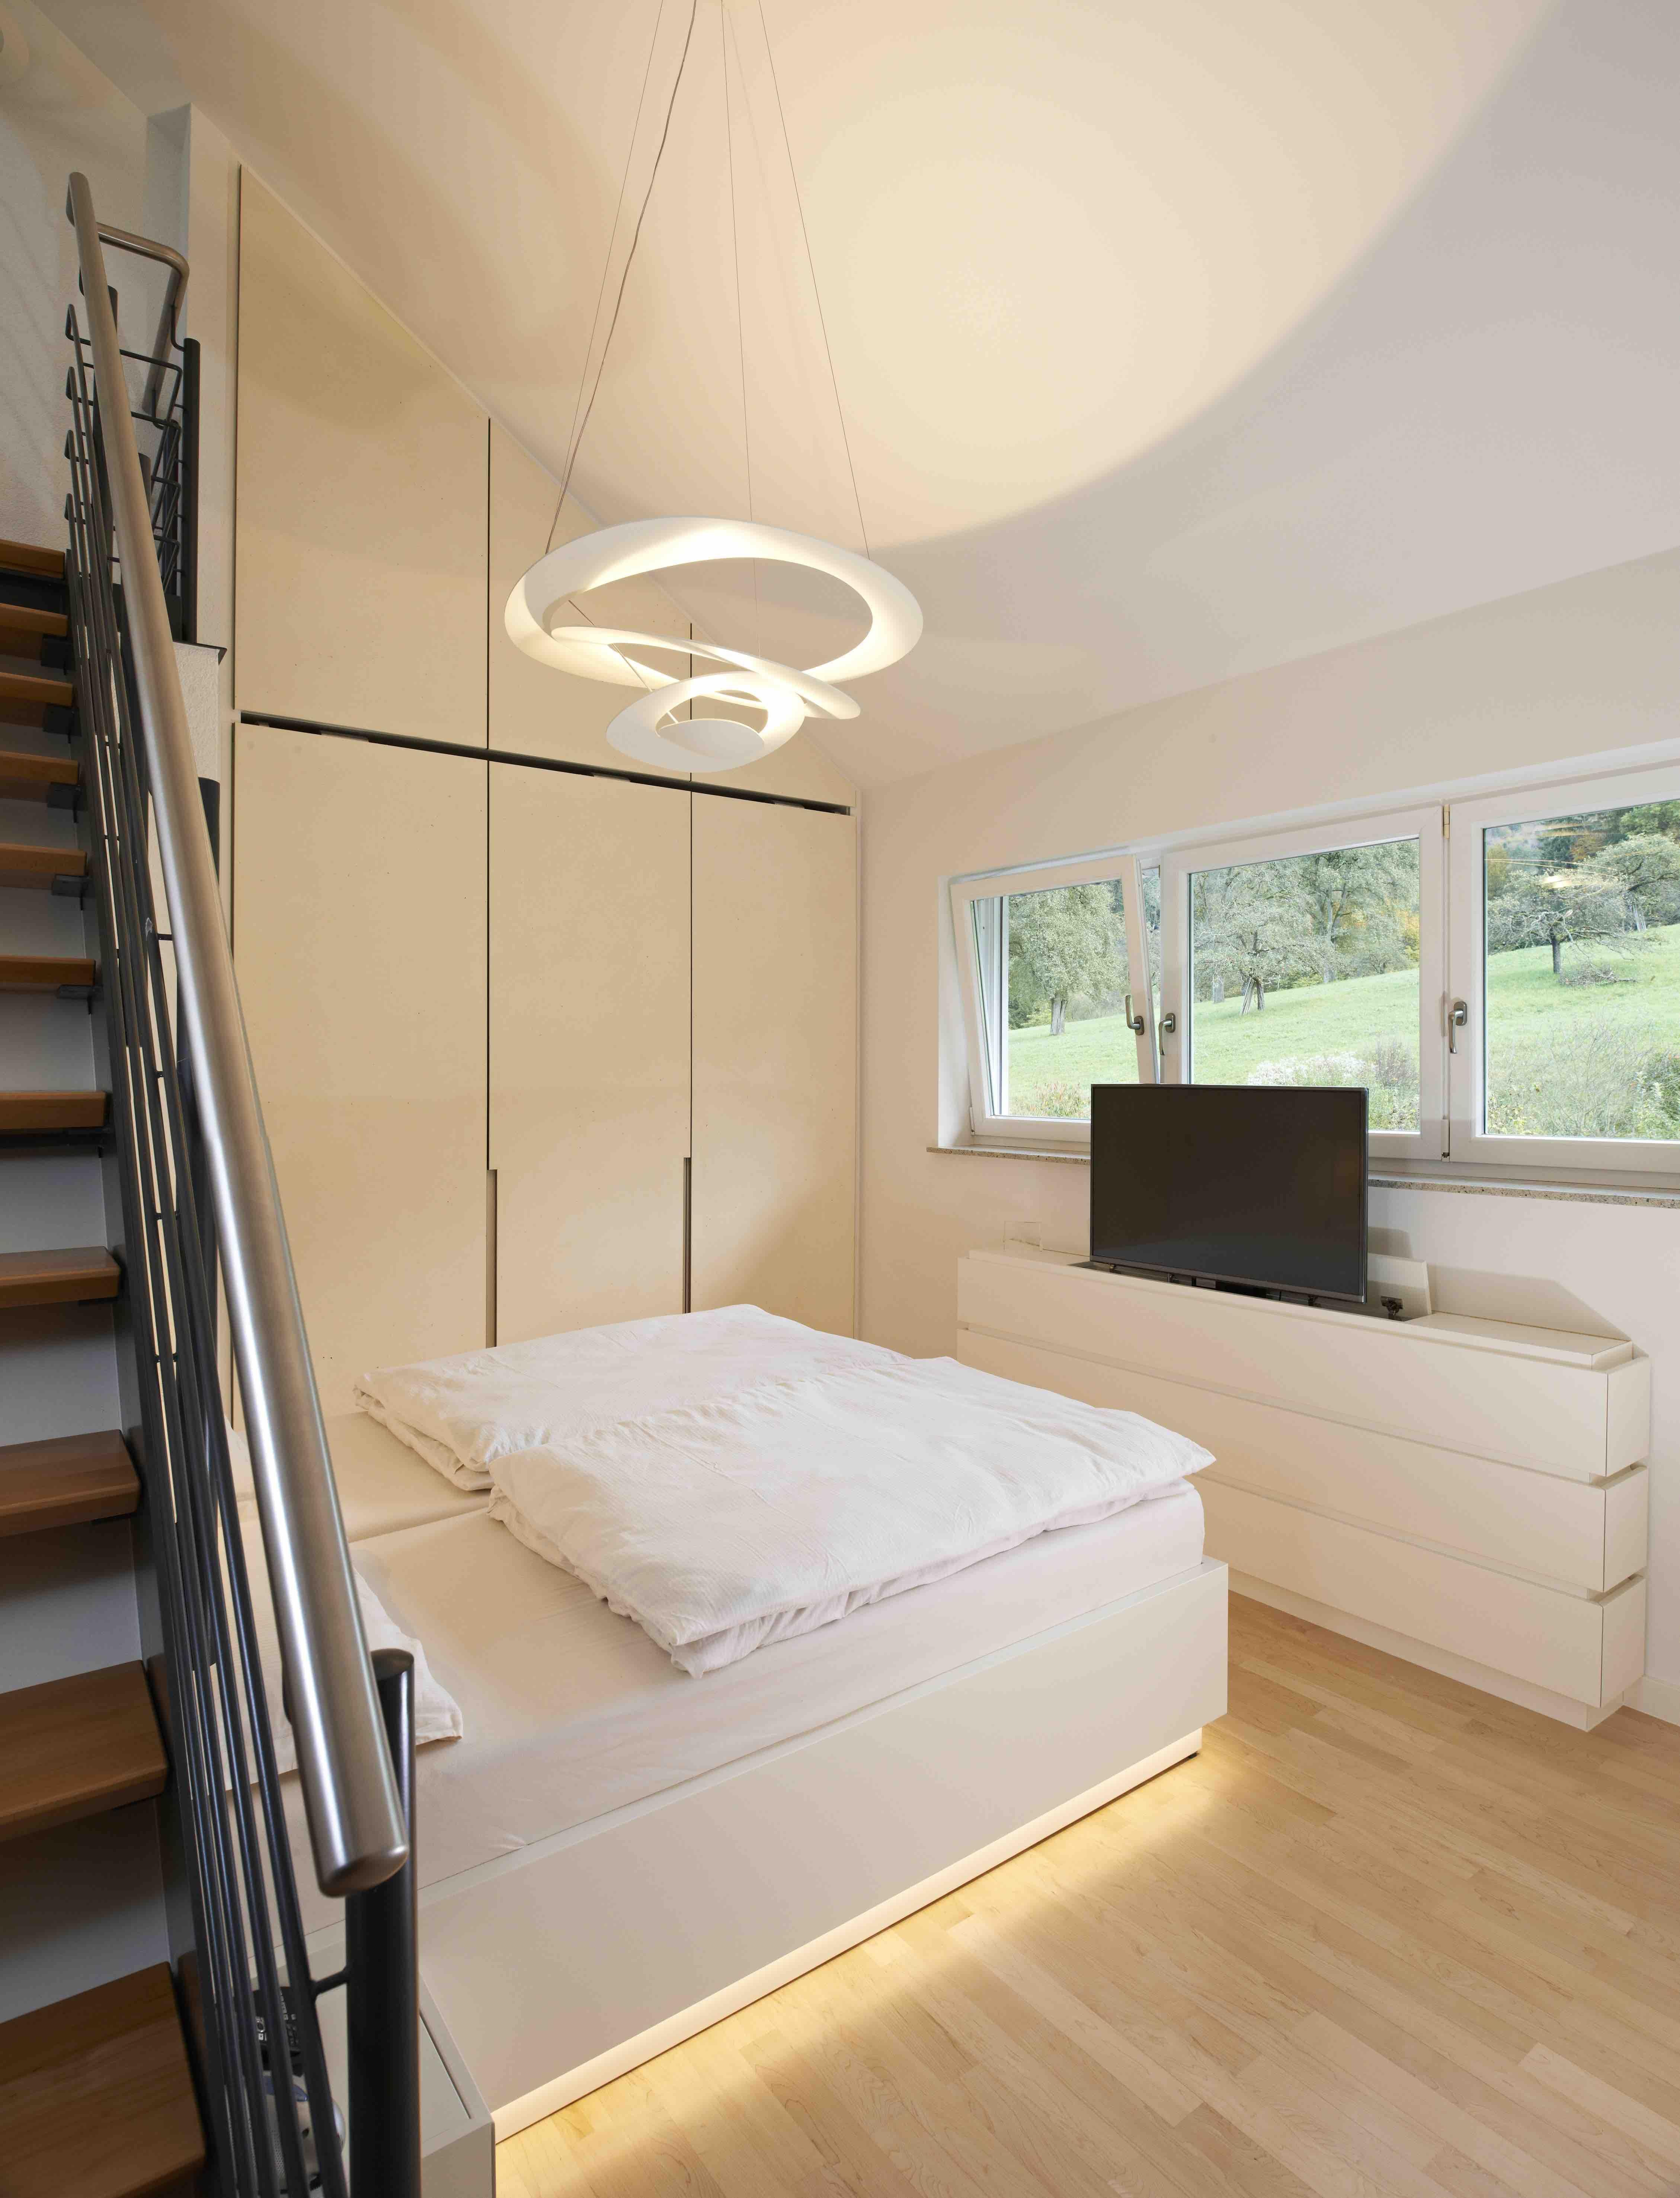 Schlafzimmer 5 Zimmer Beleuchtung Dachschrage Dachboden